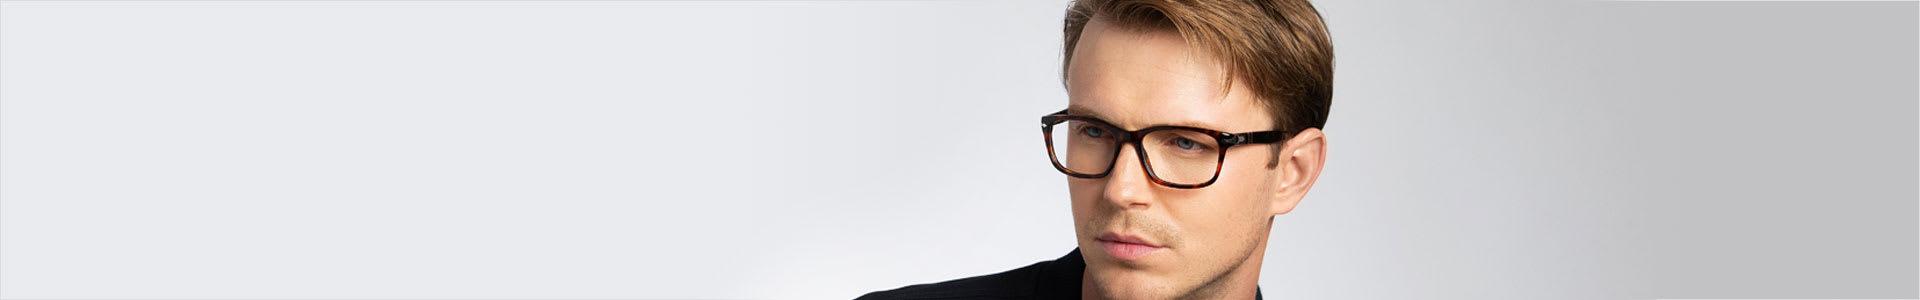 Men's Rectangular Eyewear